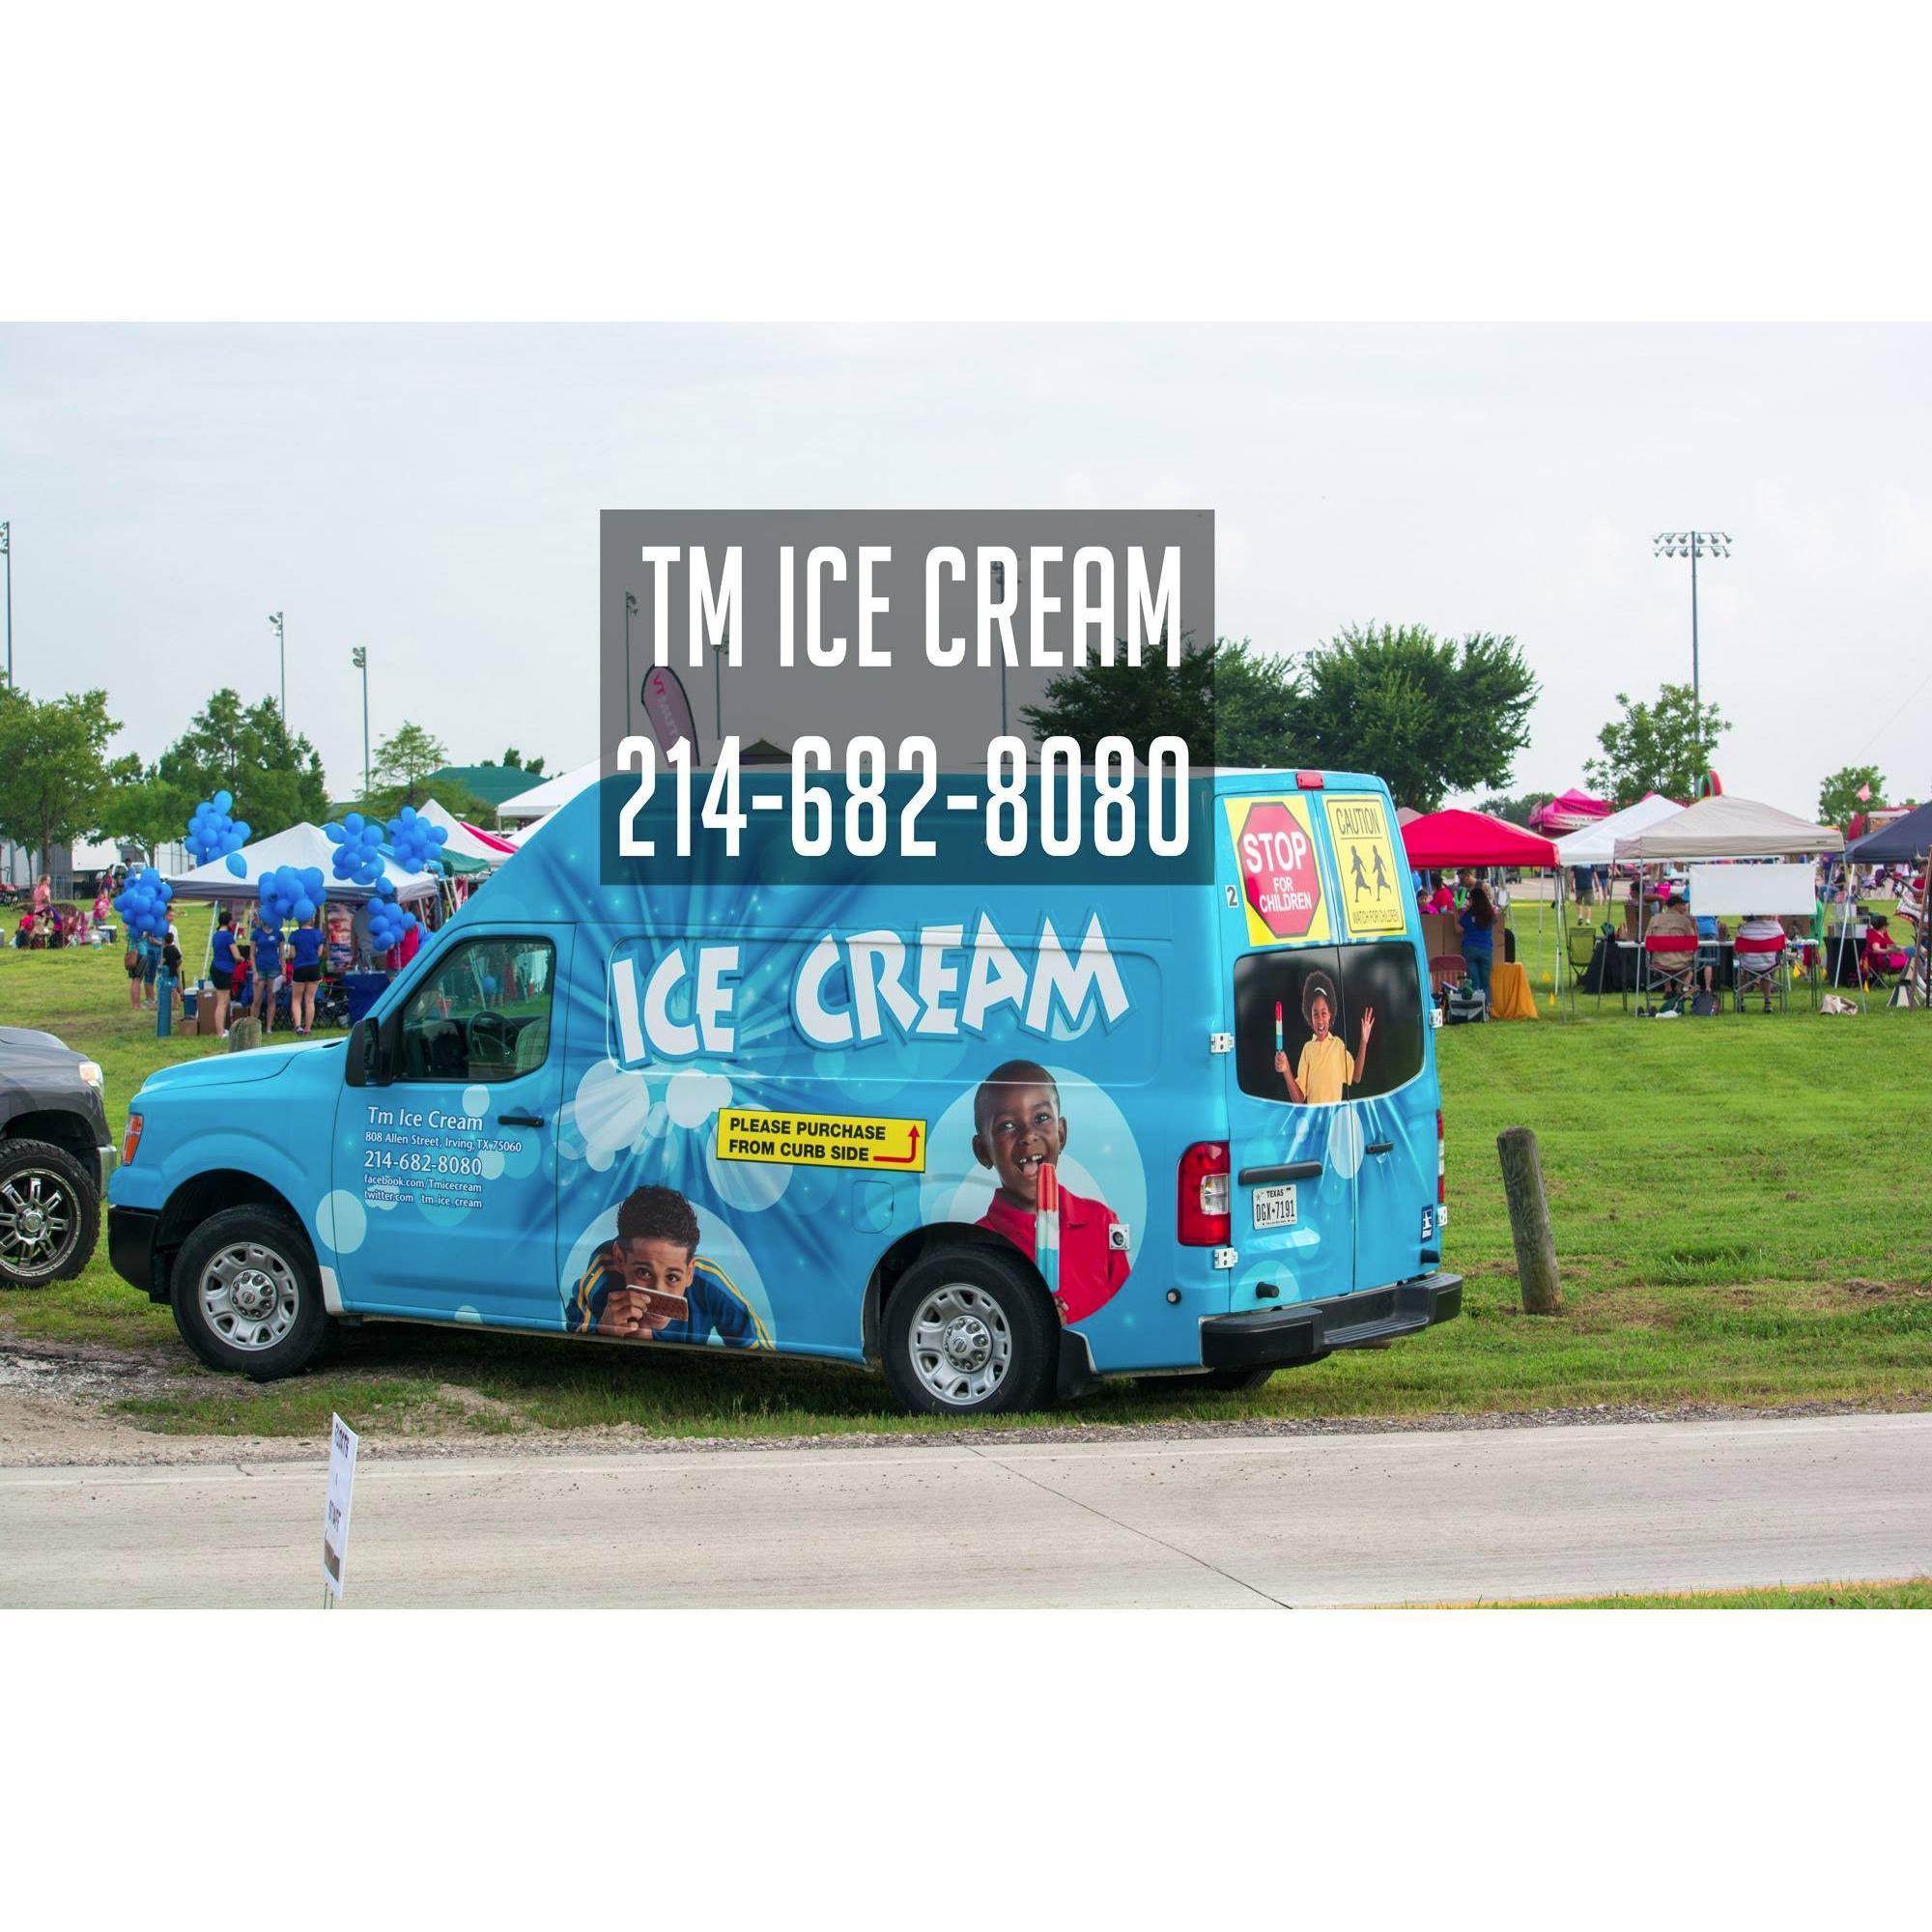 TM Ice Cream